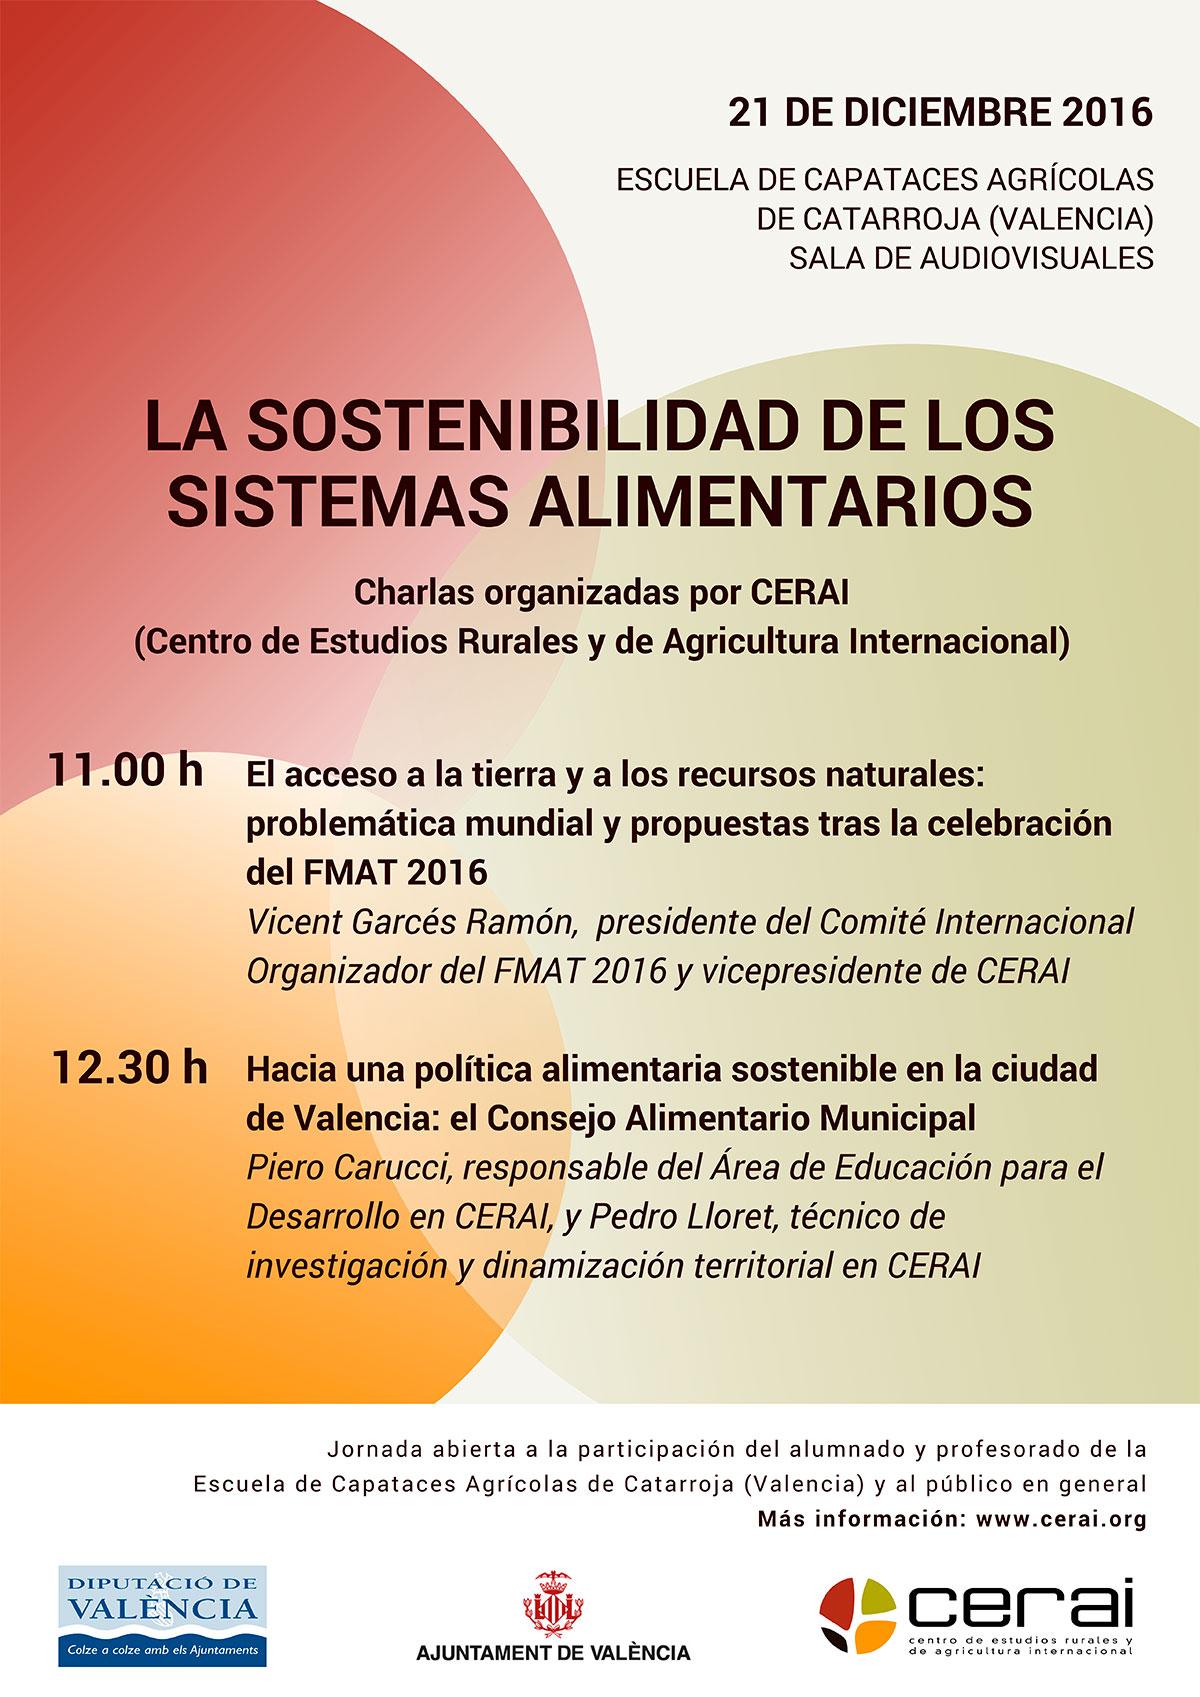 La sostenibilidad de los sistemas alimentarios